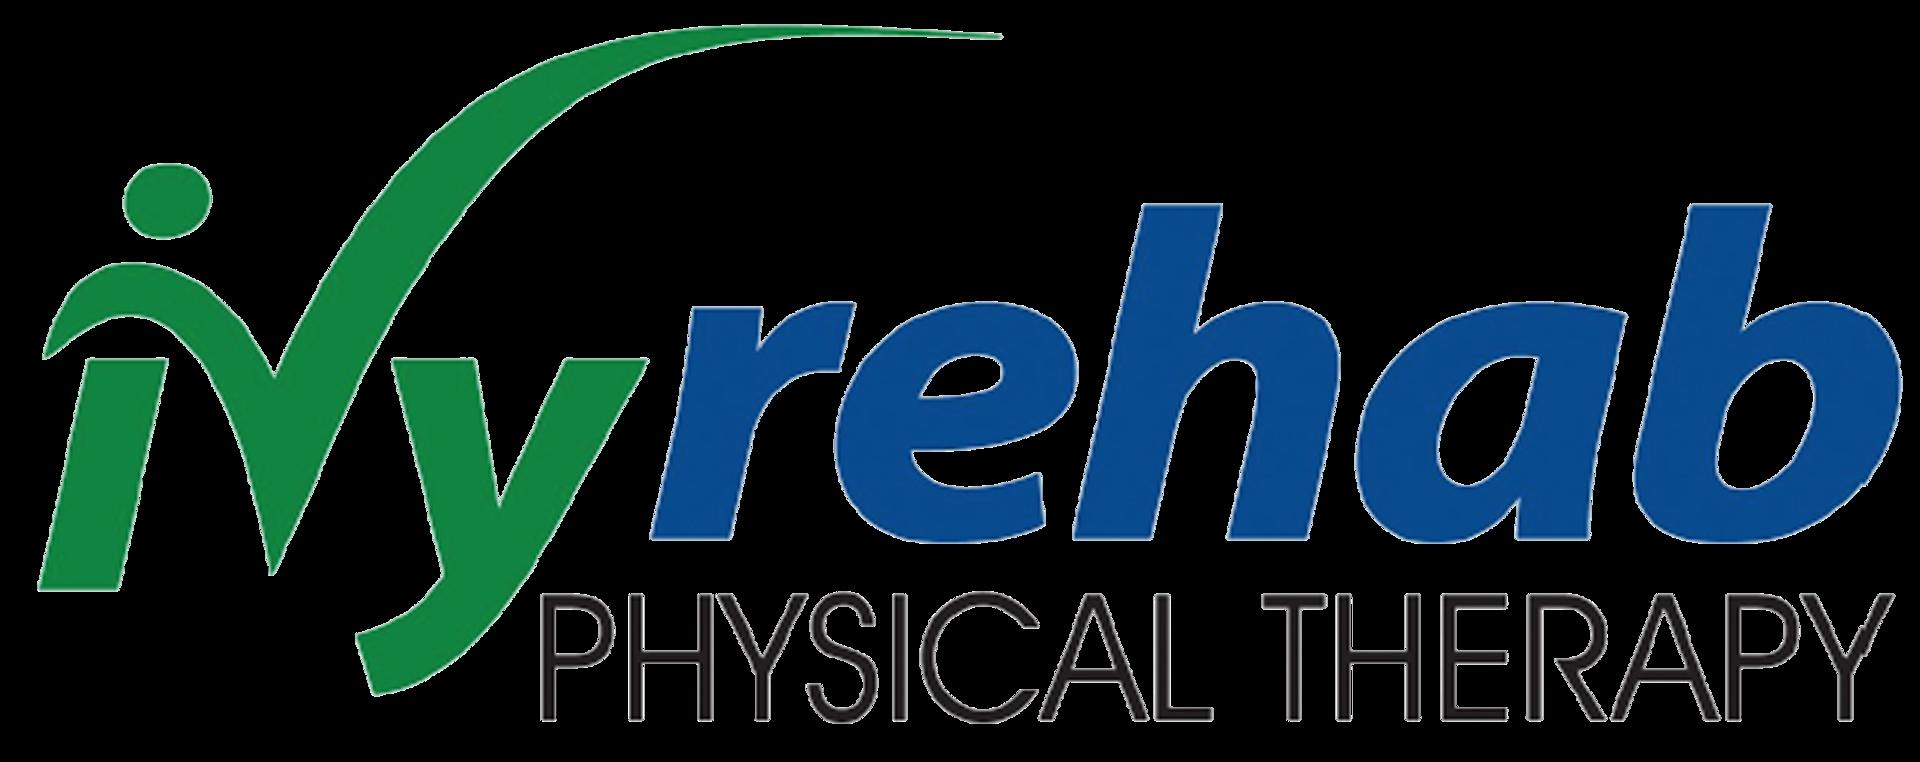 Ivy Rehab Logo